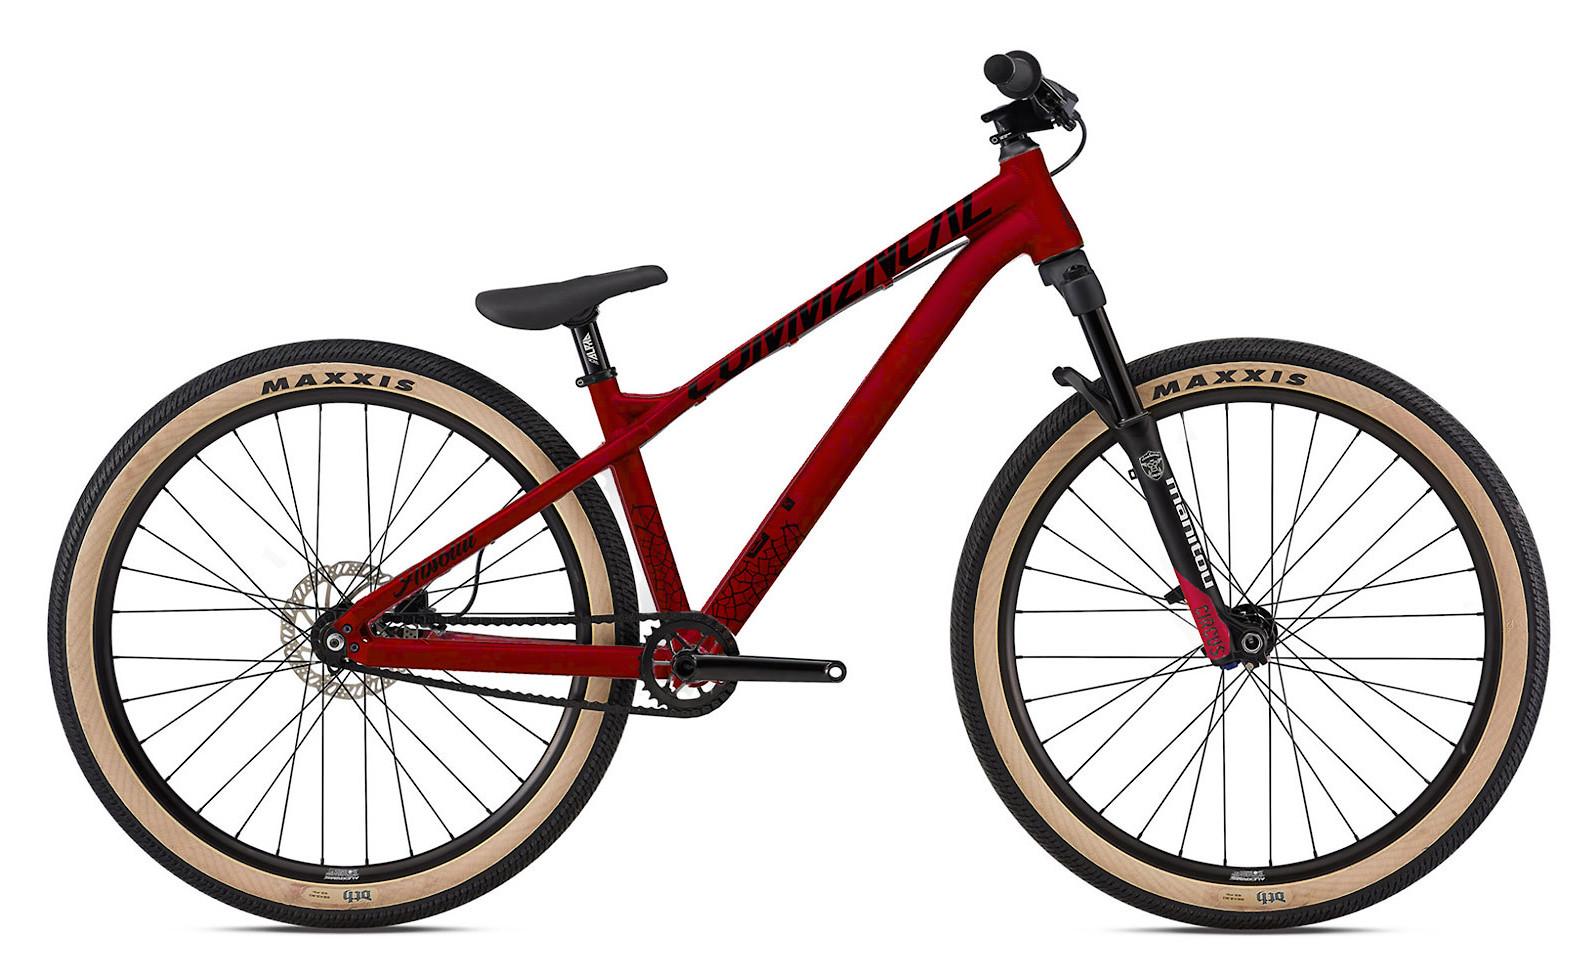 2019 Commencal Absolut Bike